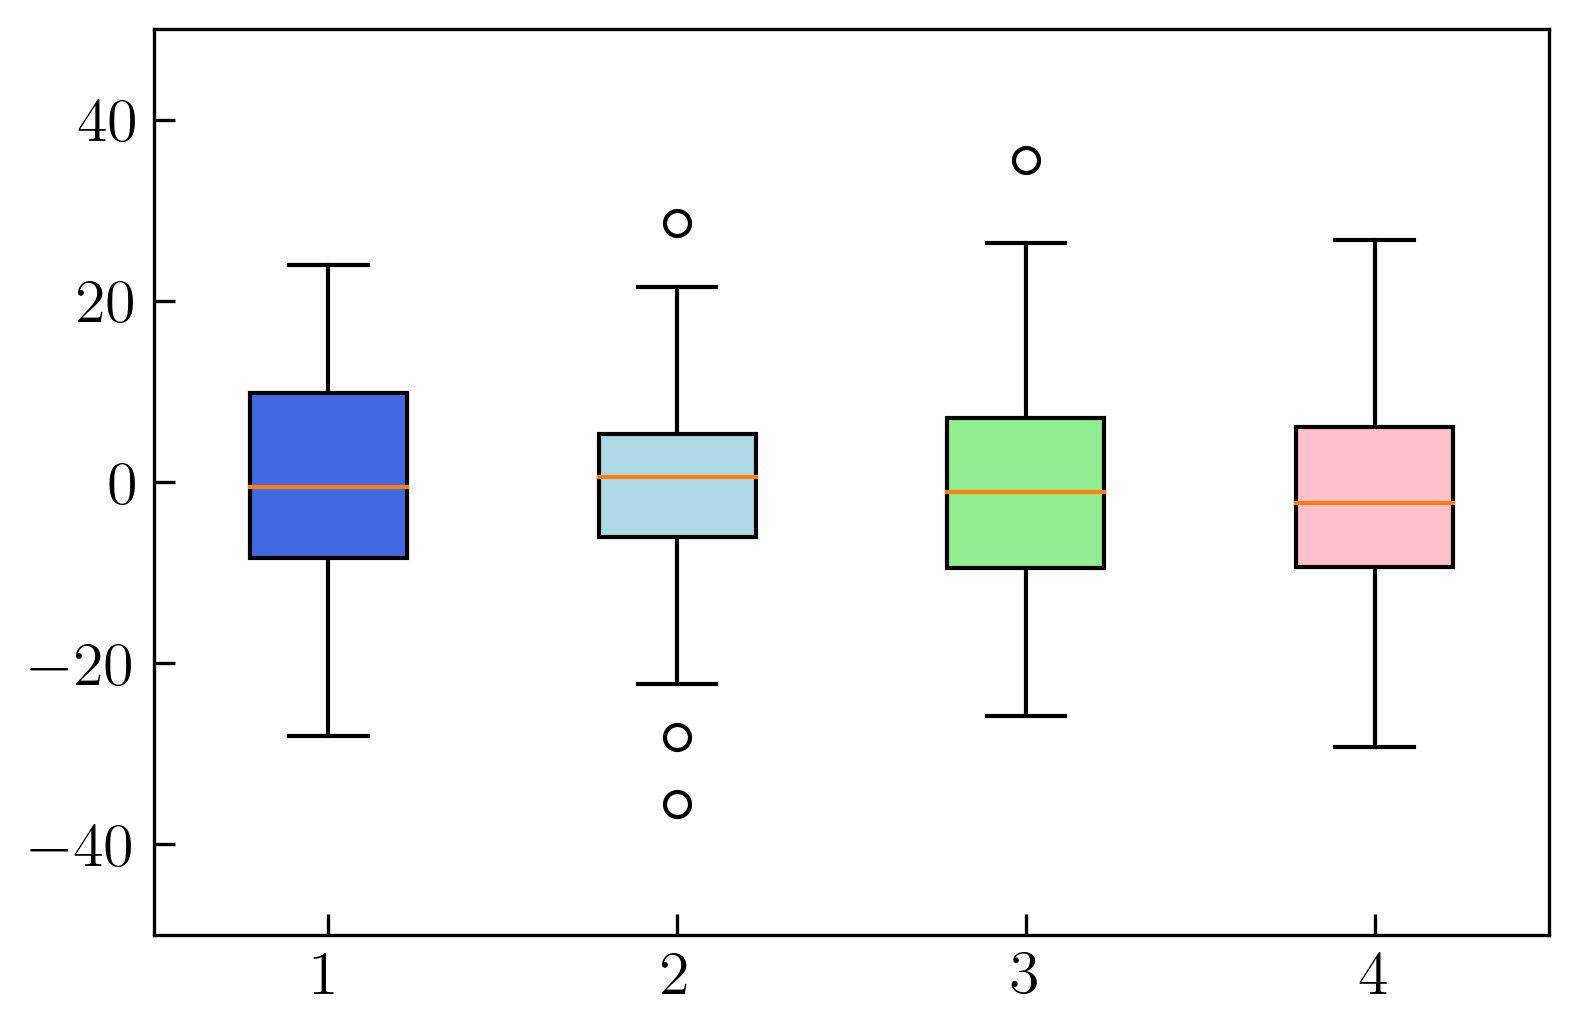 图9. 箱形图中自定义框体颜色